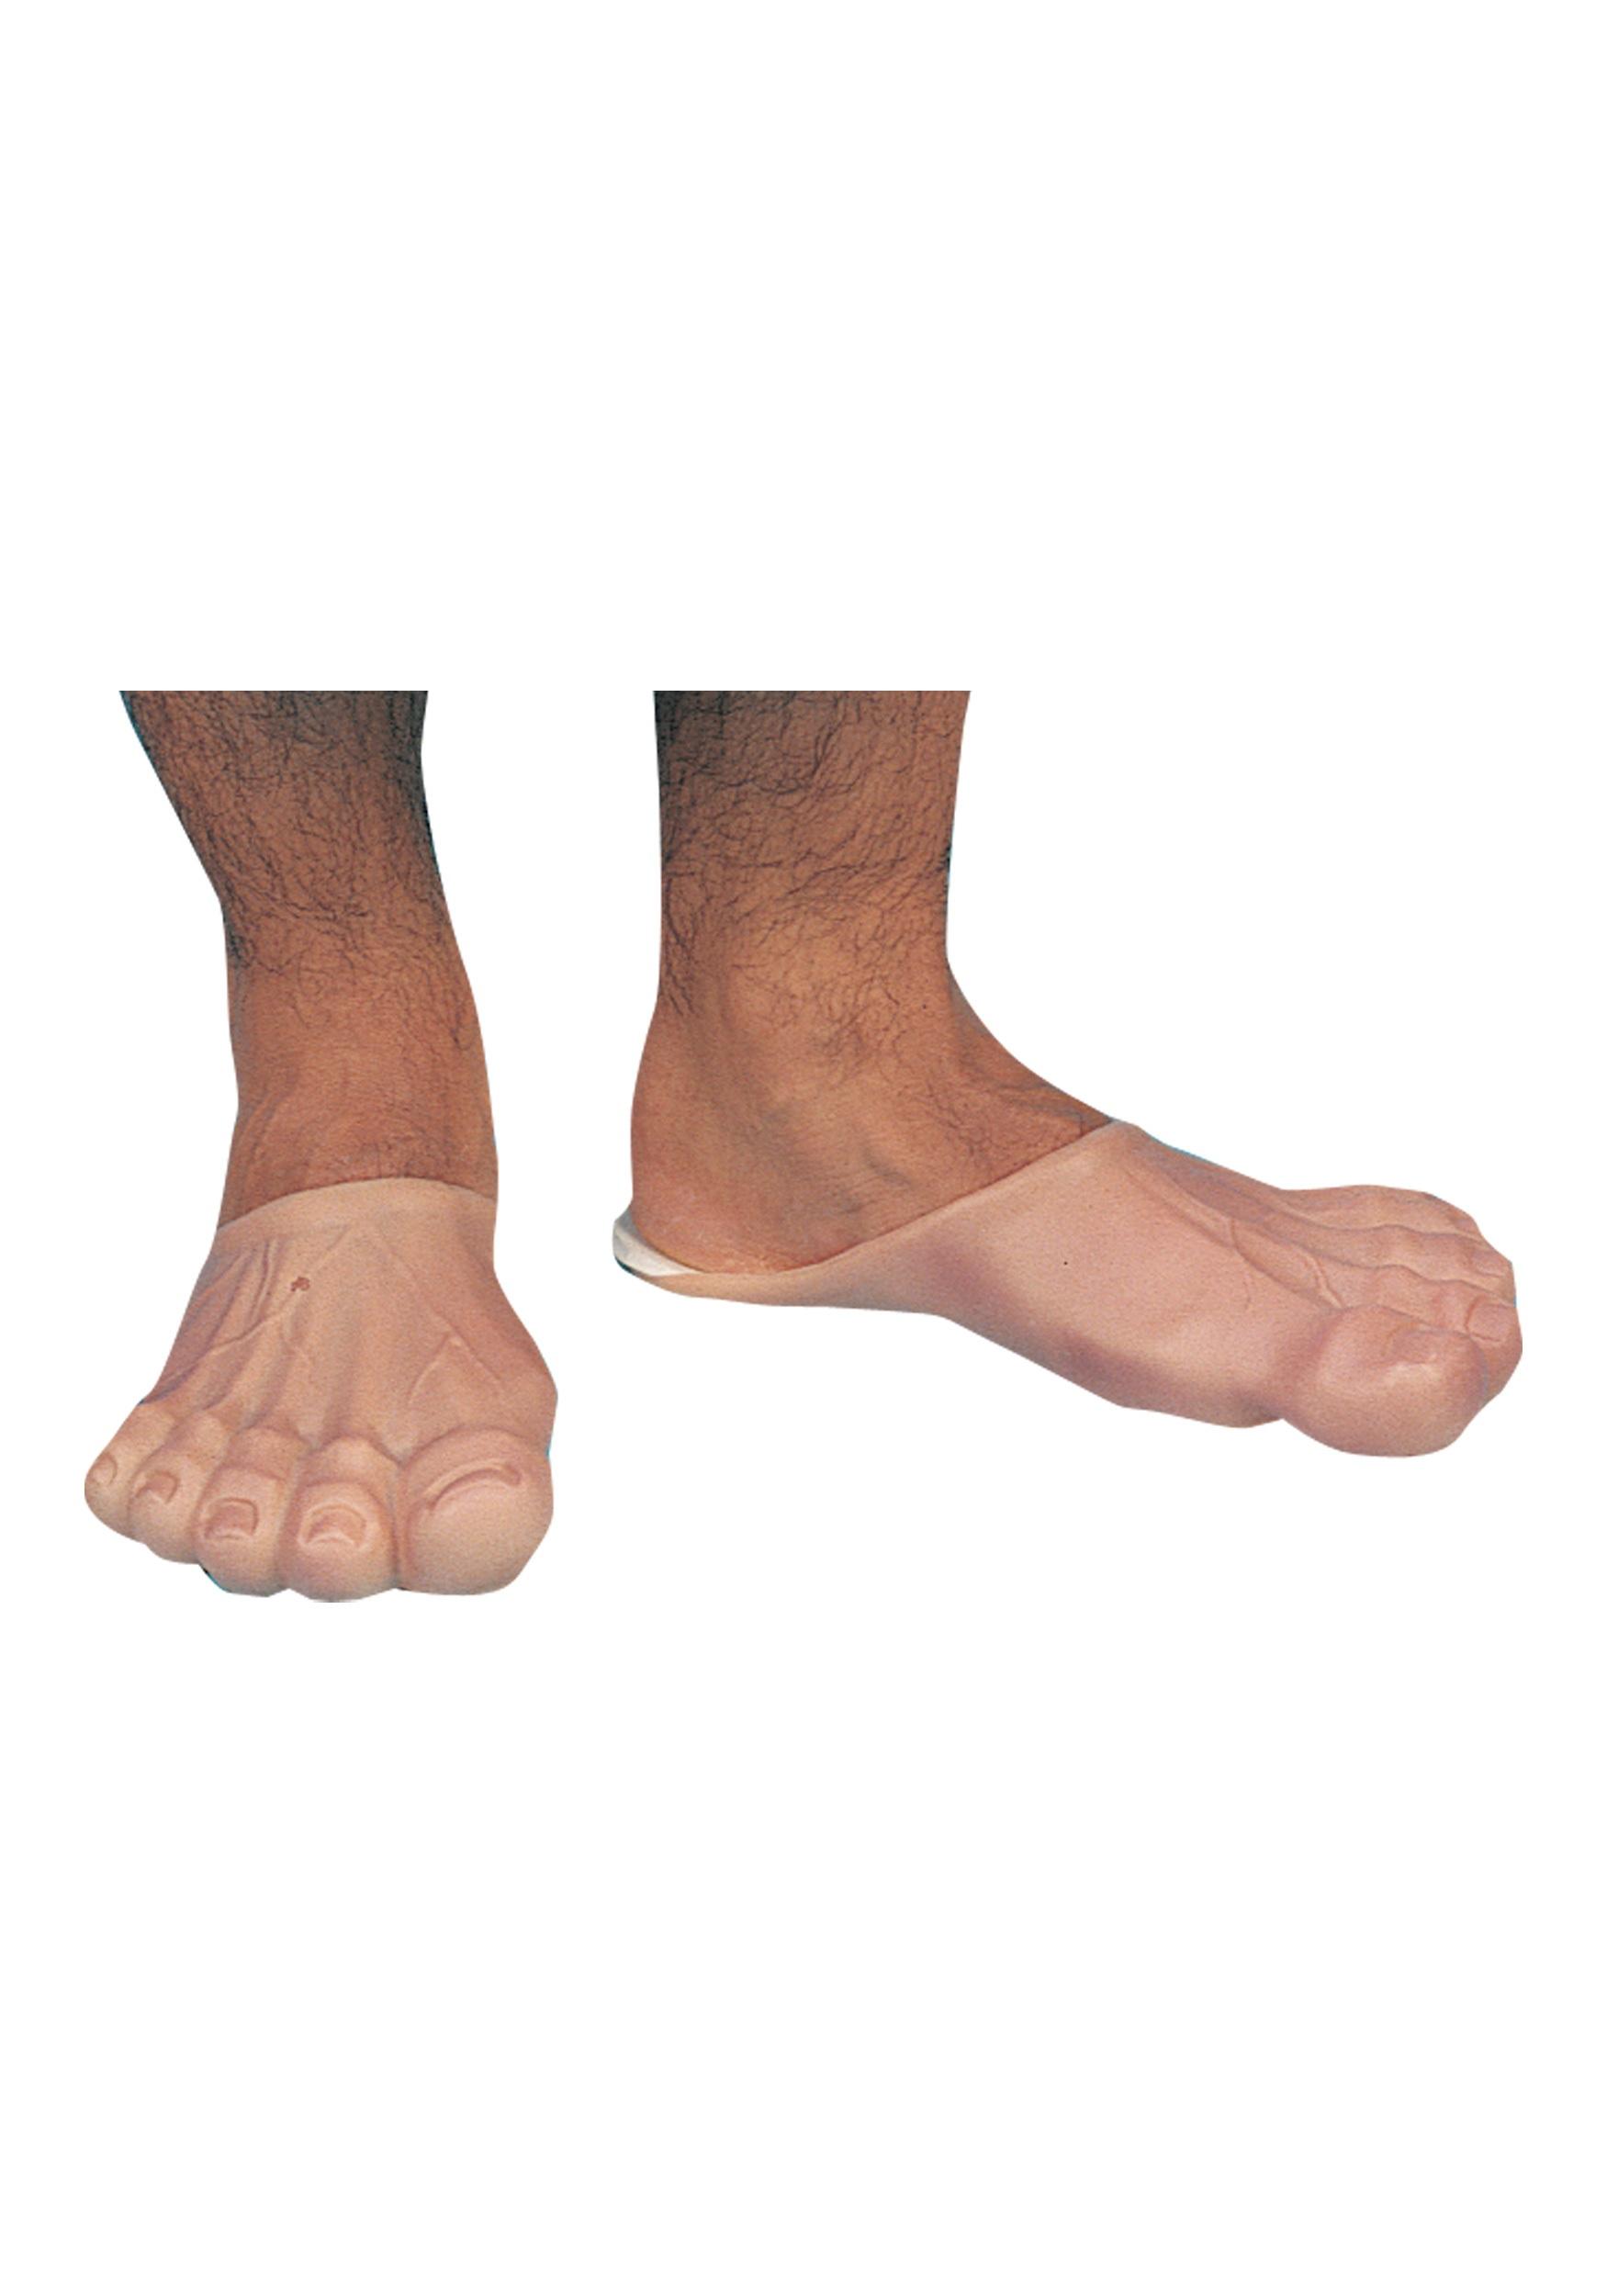 Men's Funny Feet - Flintstones Adult Costume Accessories